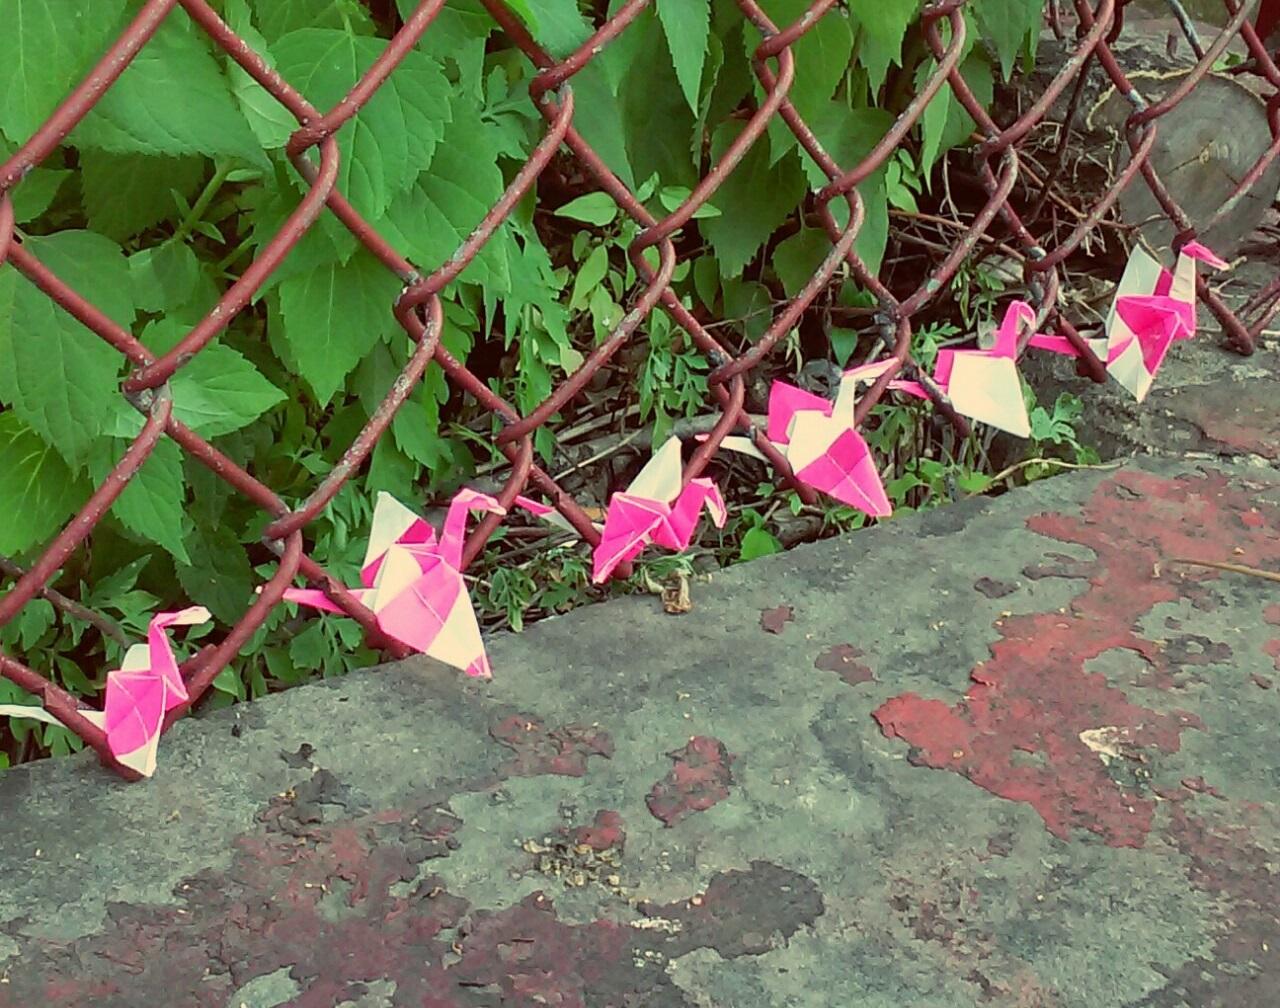 Photo & origami cranes by Karen Kaye Llamas